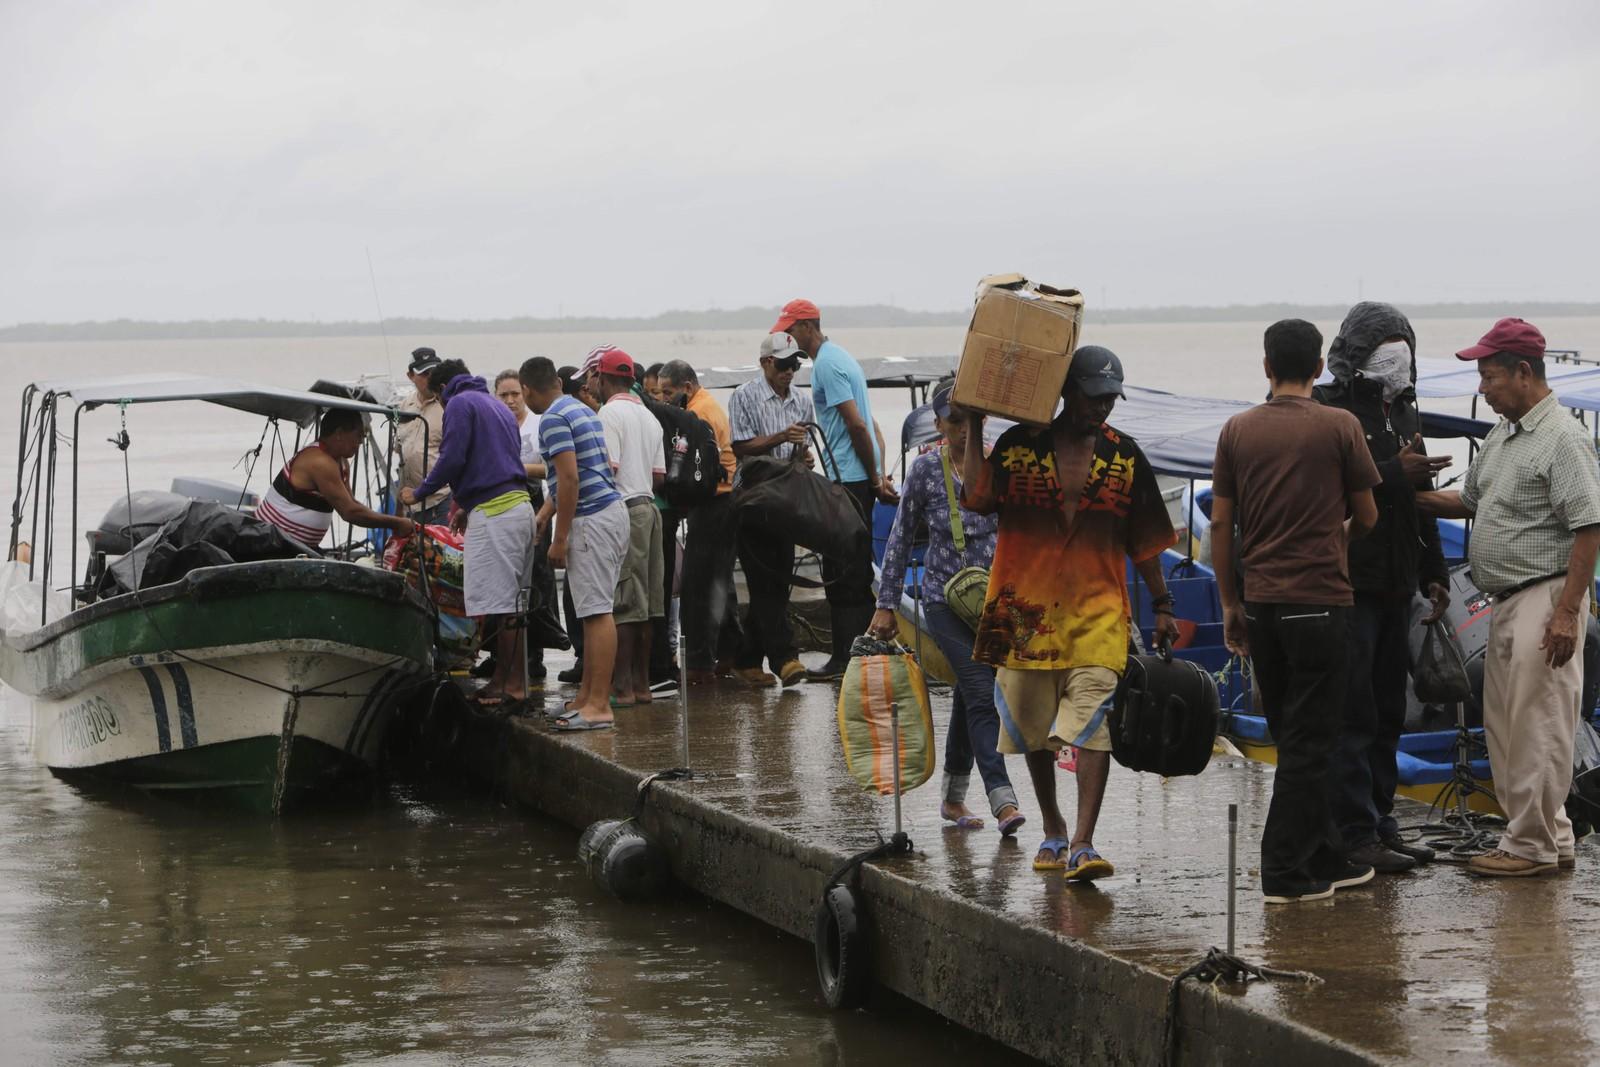 Fleire tusen menneske er bedne om å evakuere frå dei mest utsette områda i Costa Rica og Nicaragua før orkanen Otto er venta å nå land.